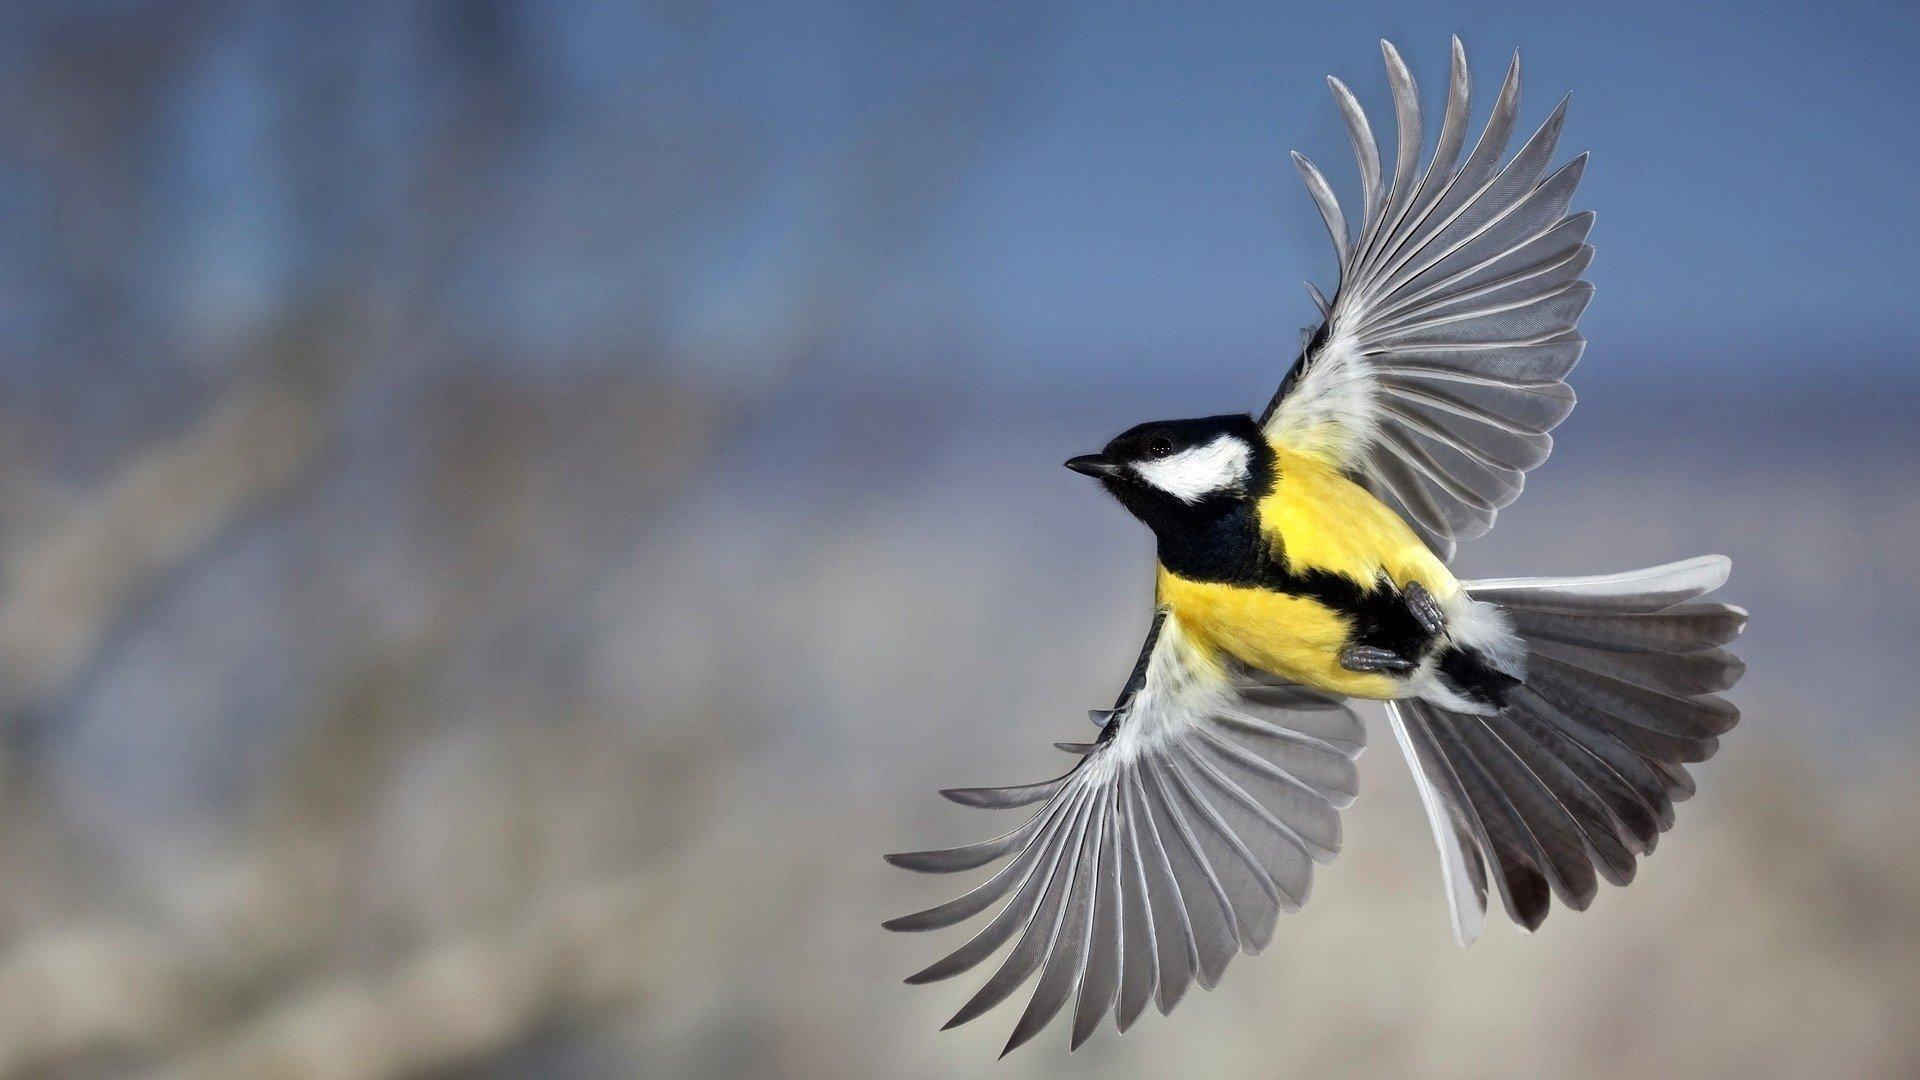 некоторых пациентов изображение птиц на фото картинках непромышленные объекты будут